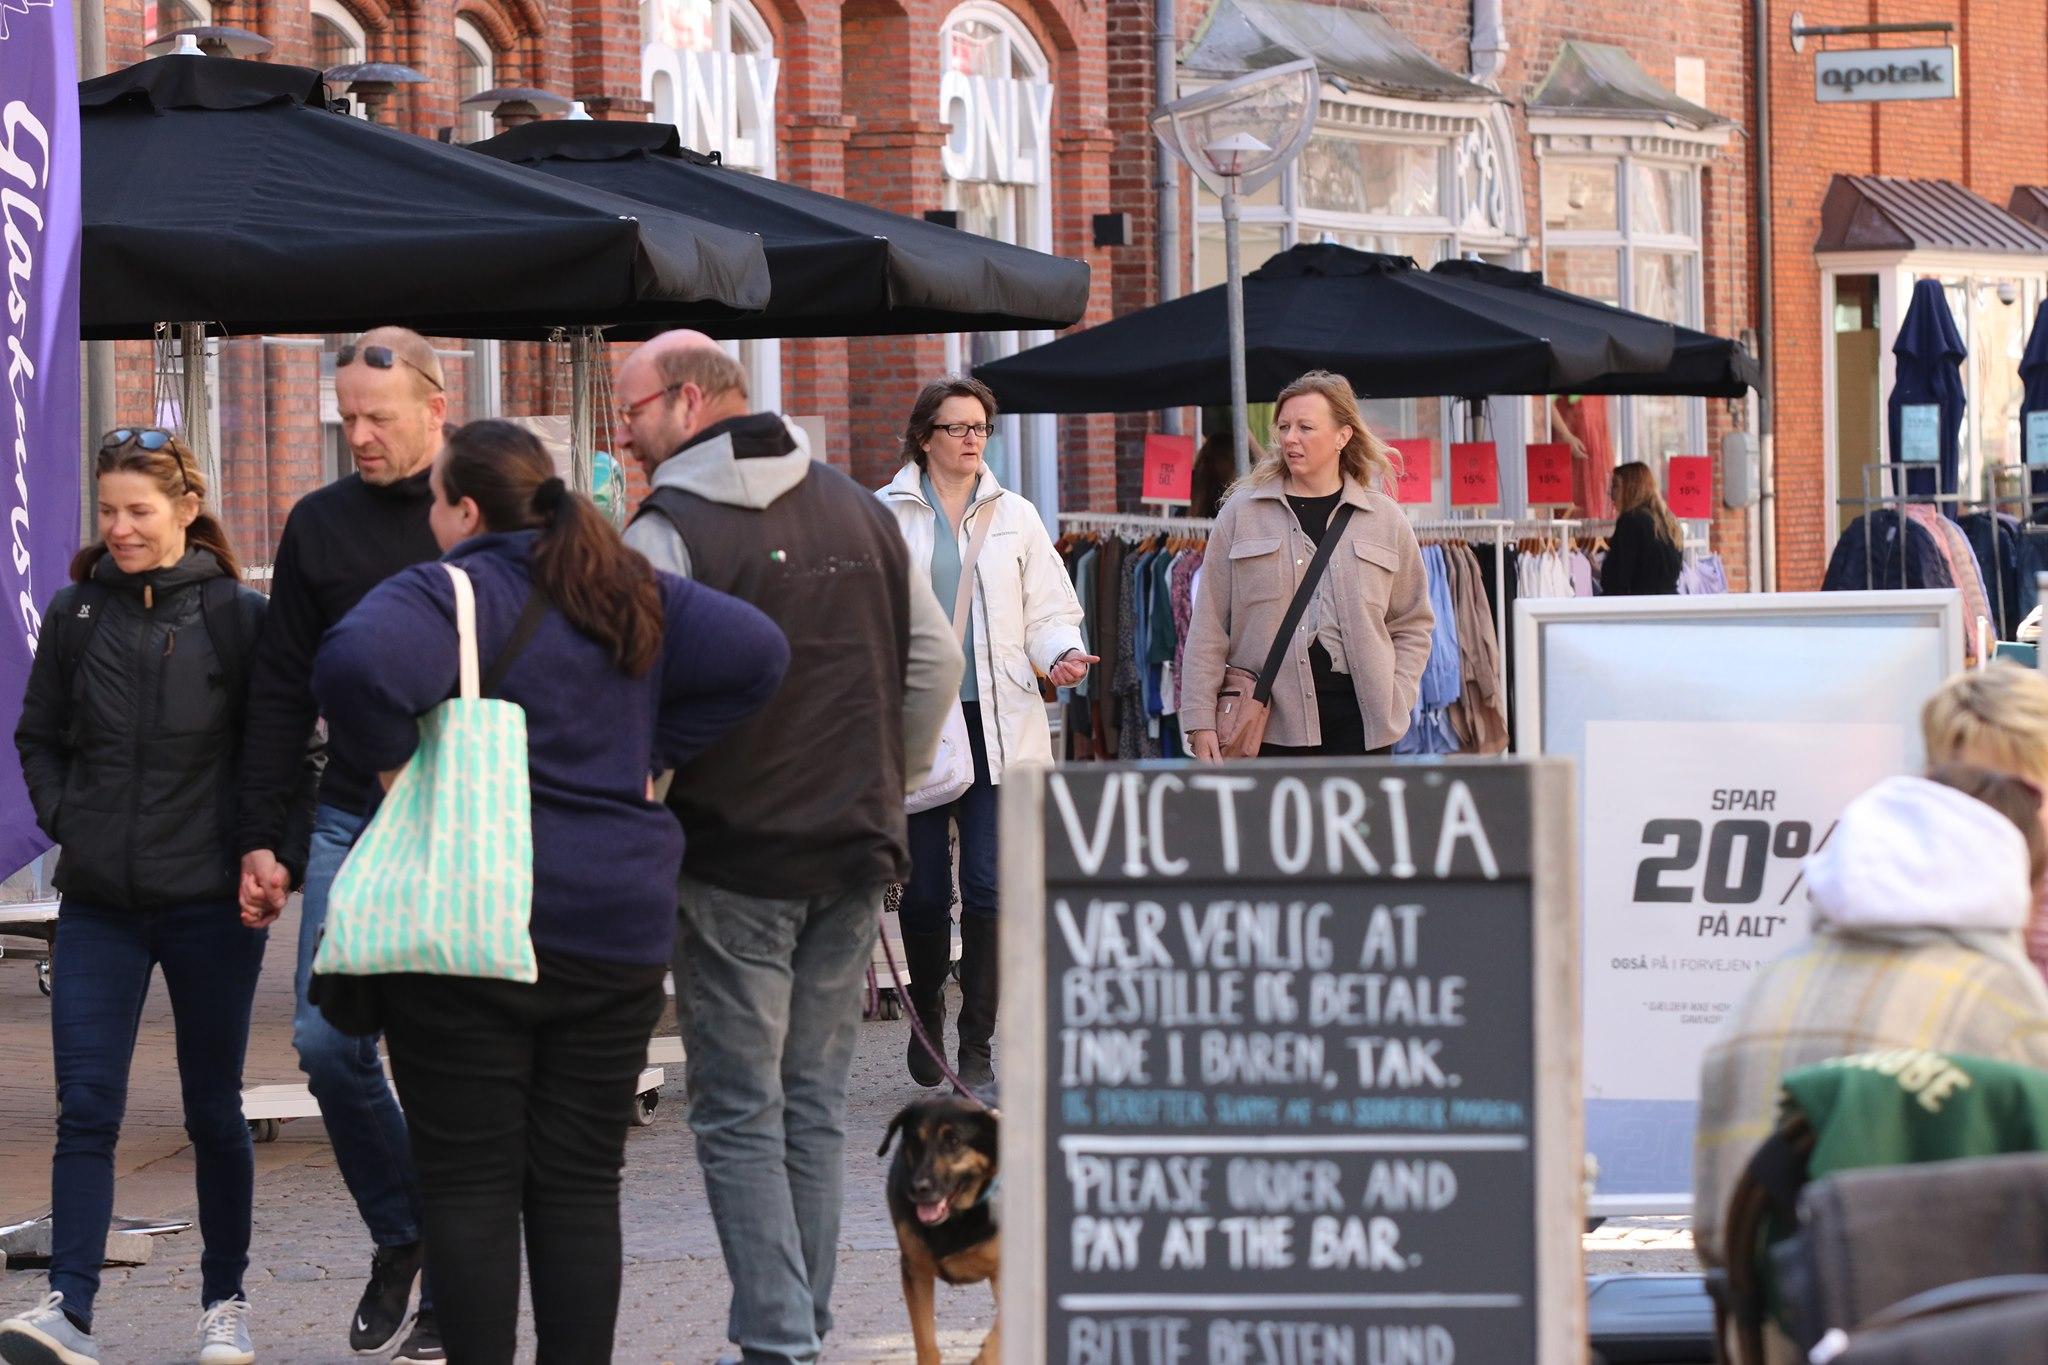 TØNDER: 10.000 gode grunde til en shoppingtur på gågaden i dag